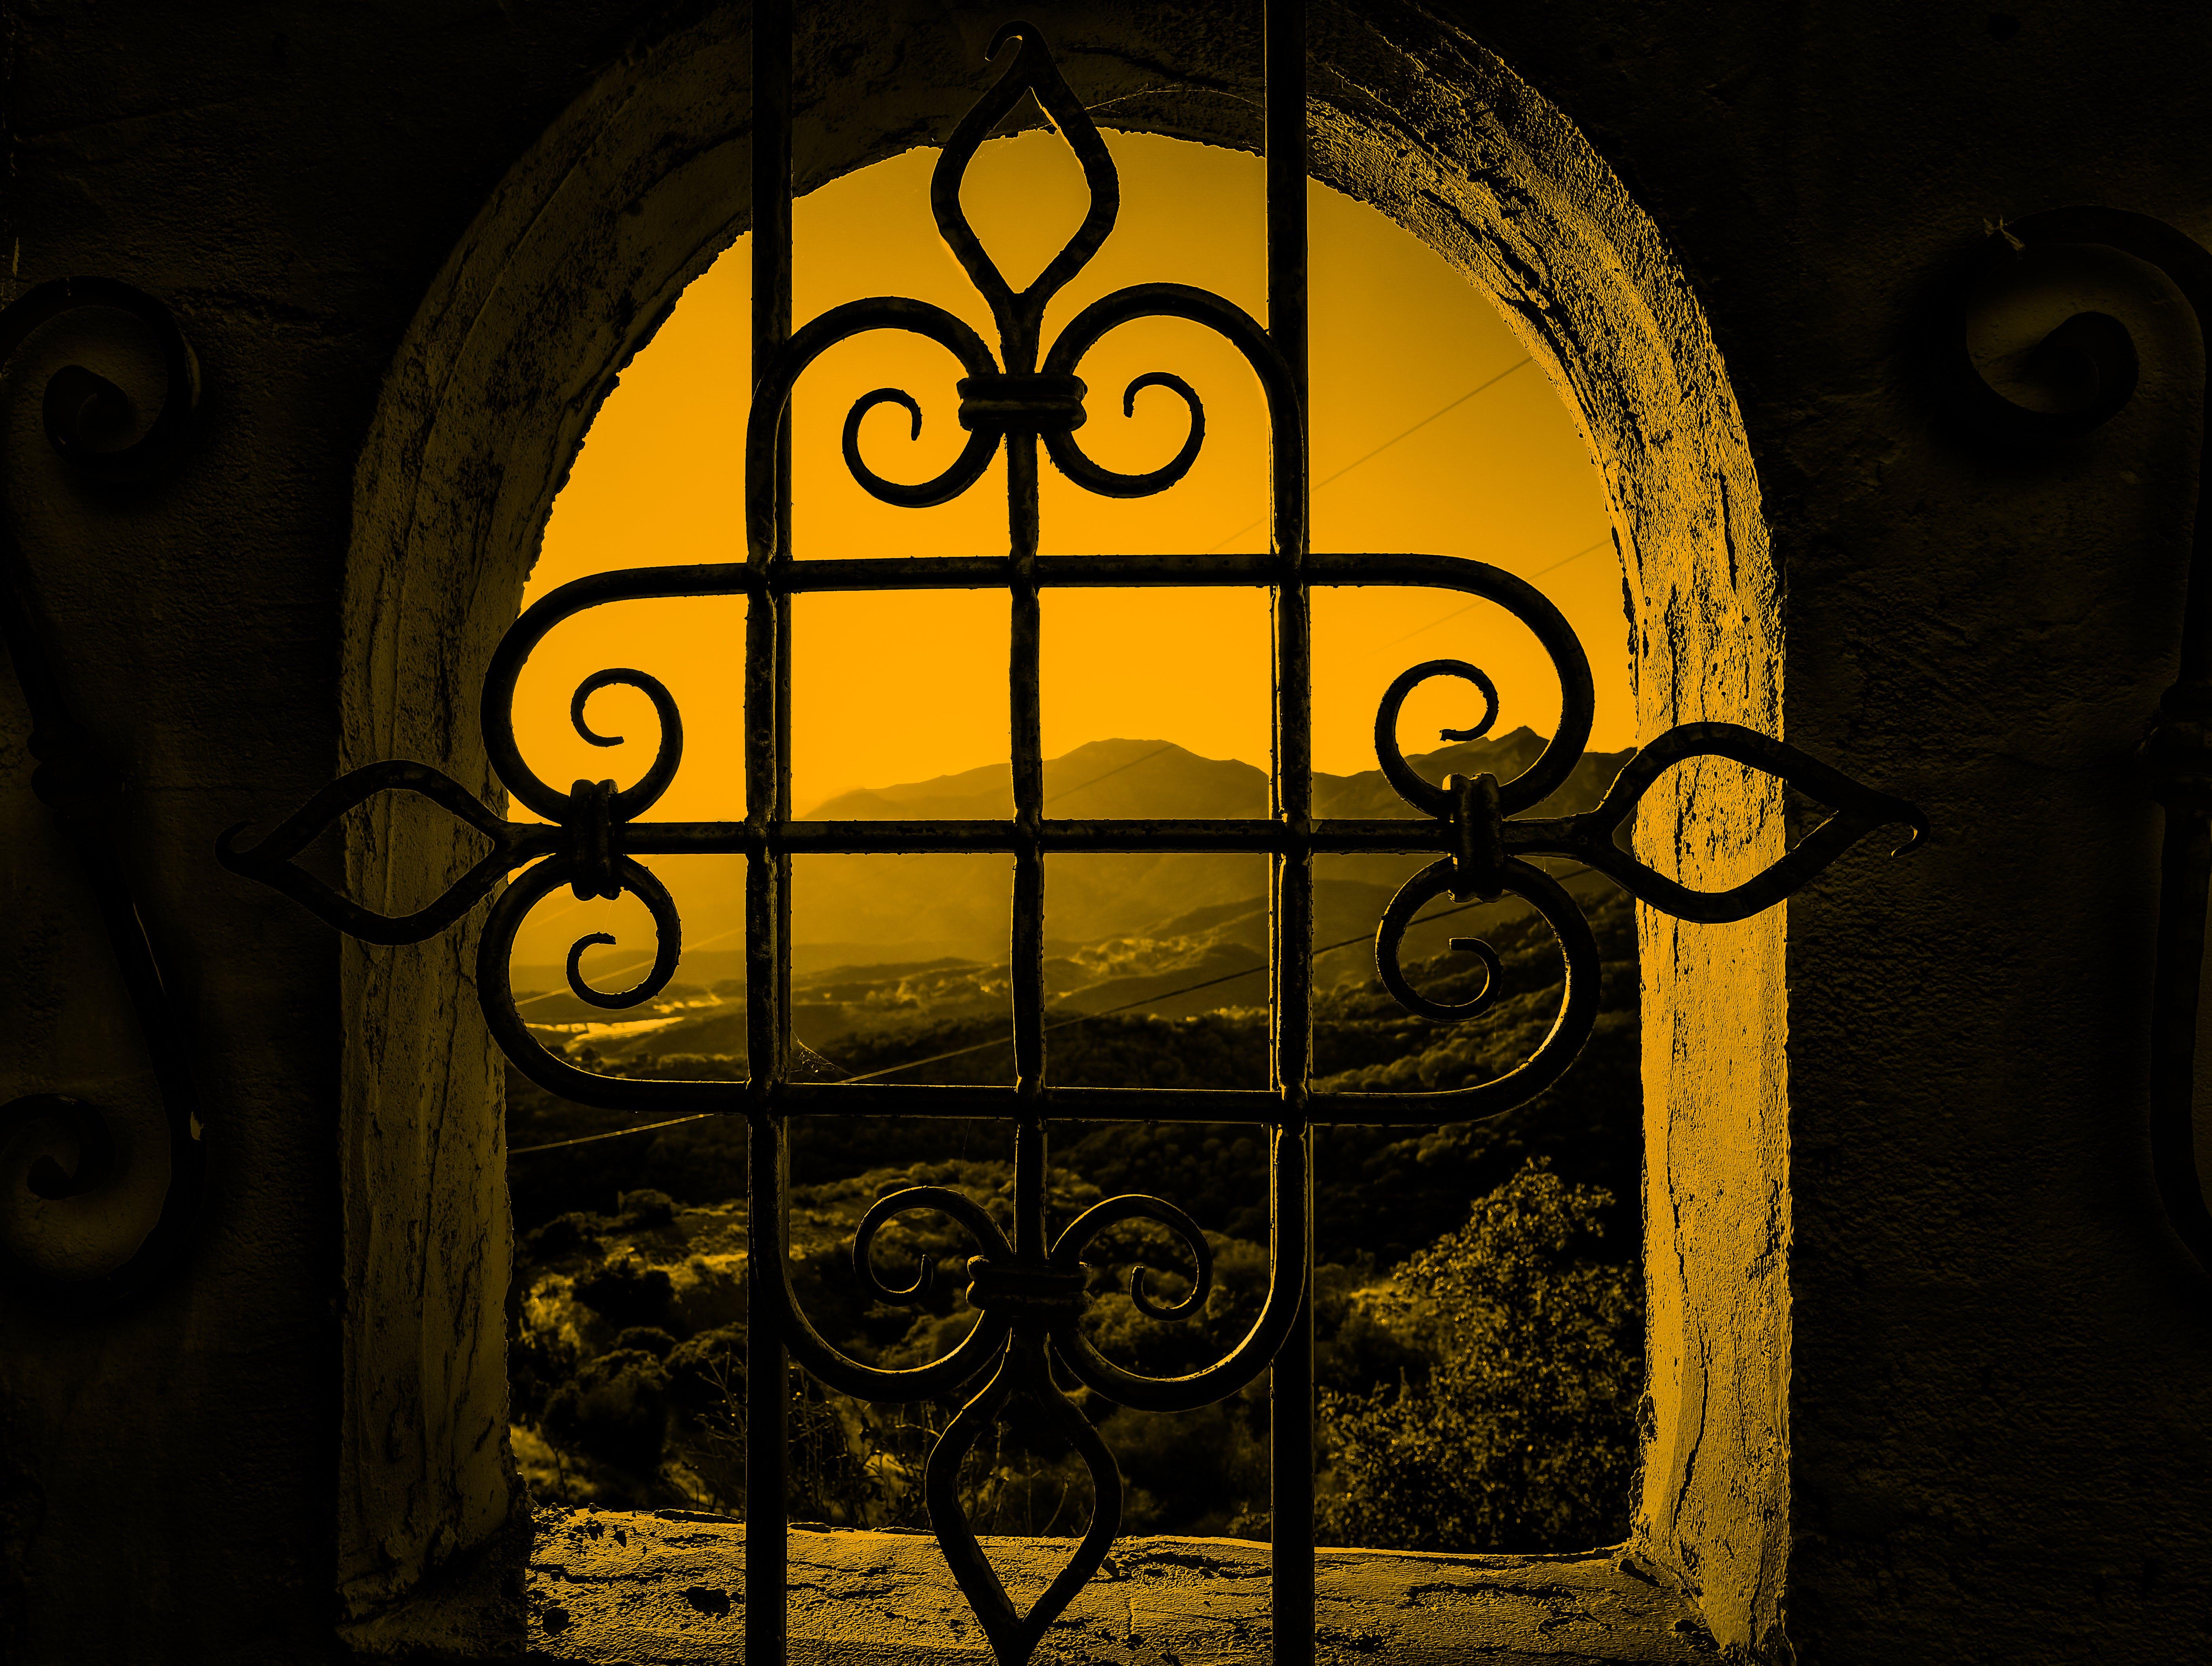 Free stock photo of Mountain view through a window